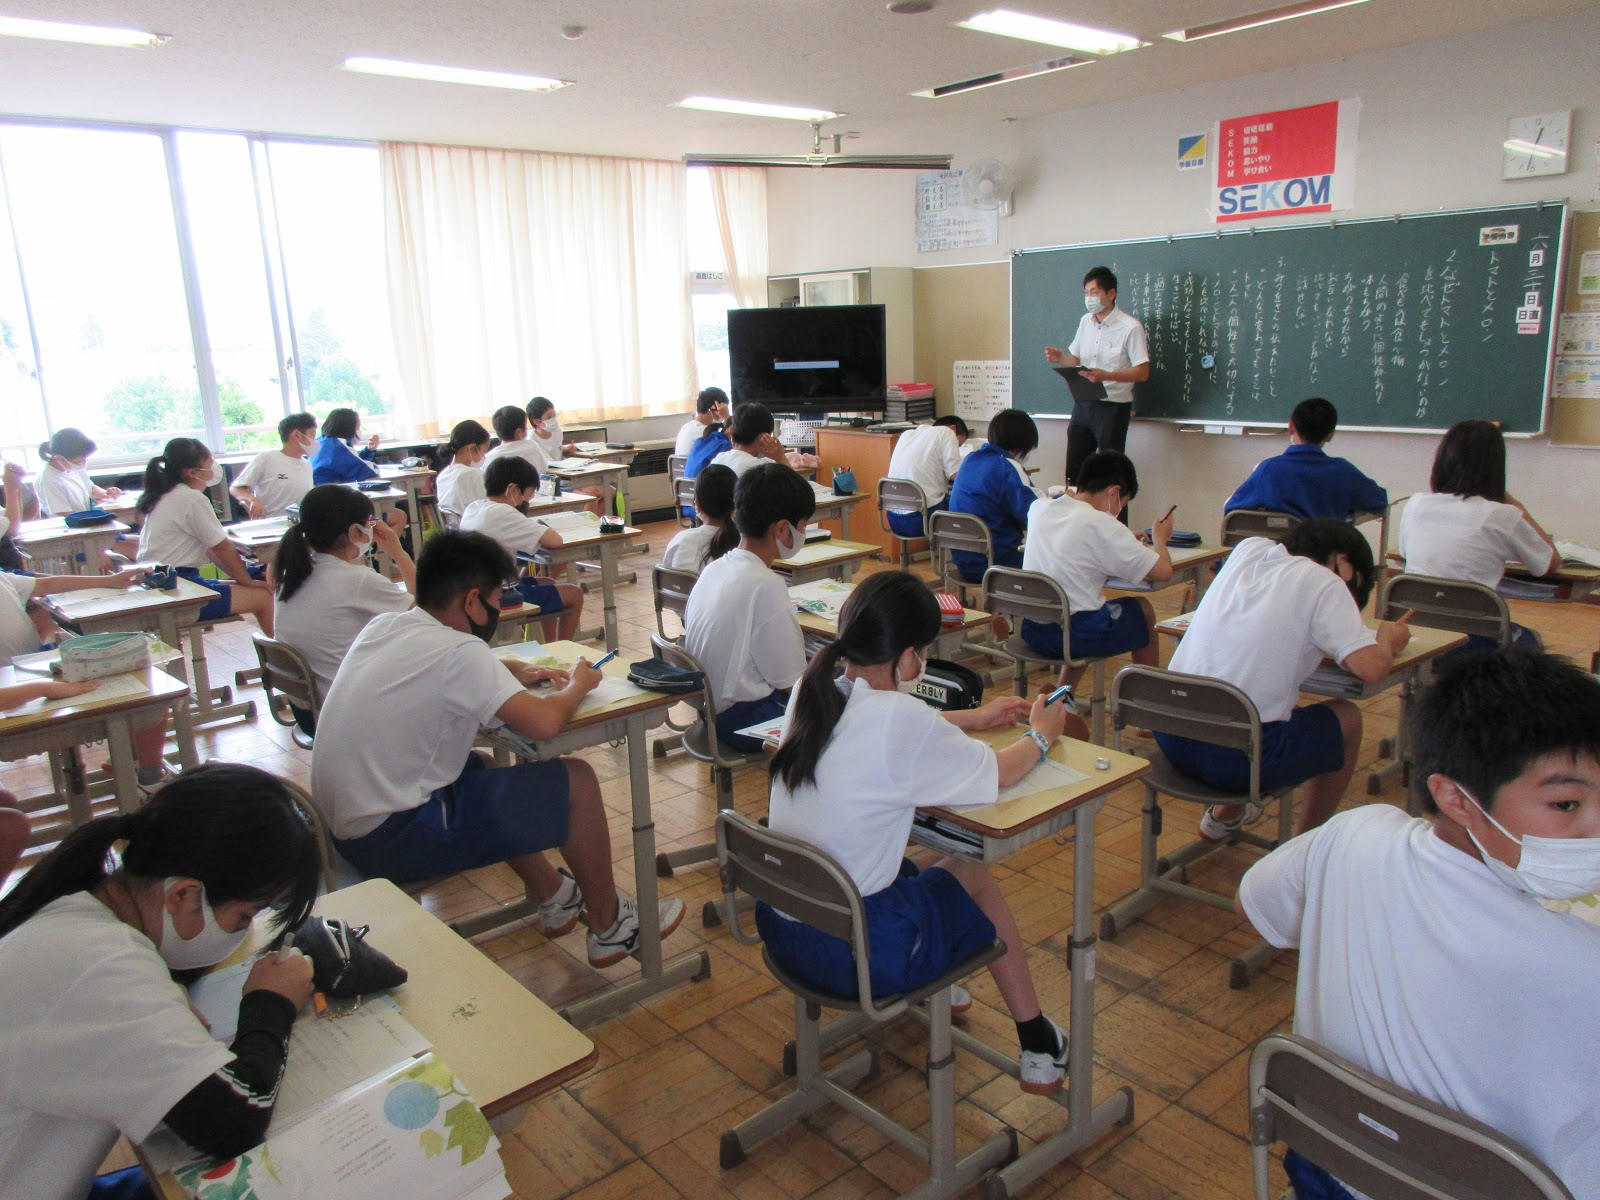 米沢市立第一中学校 学校日誌